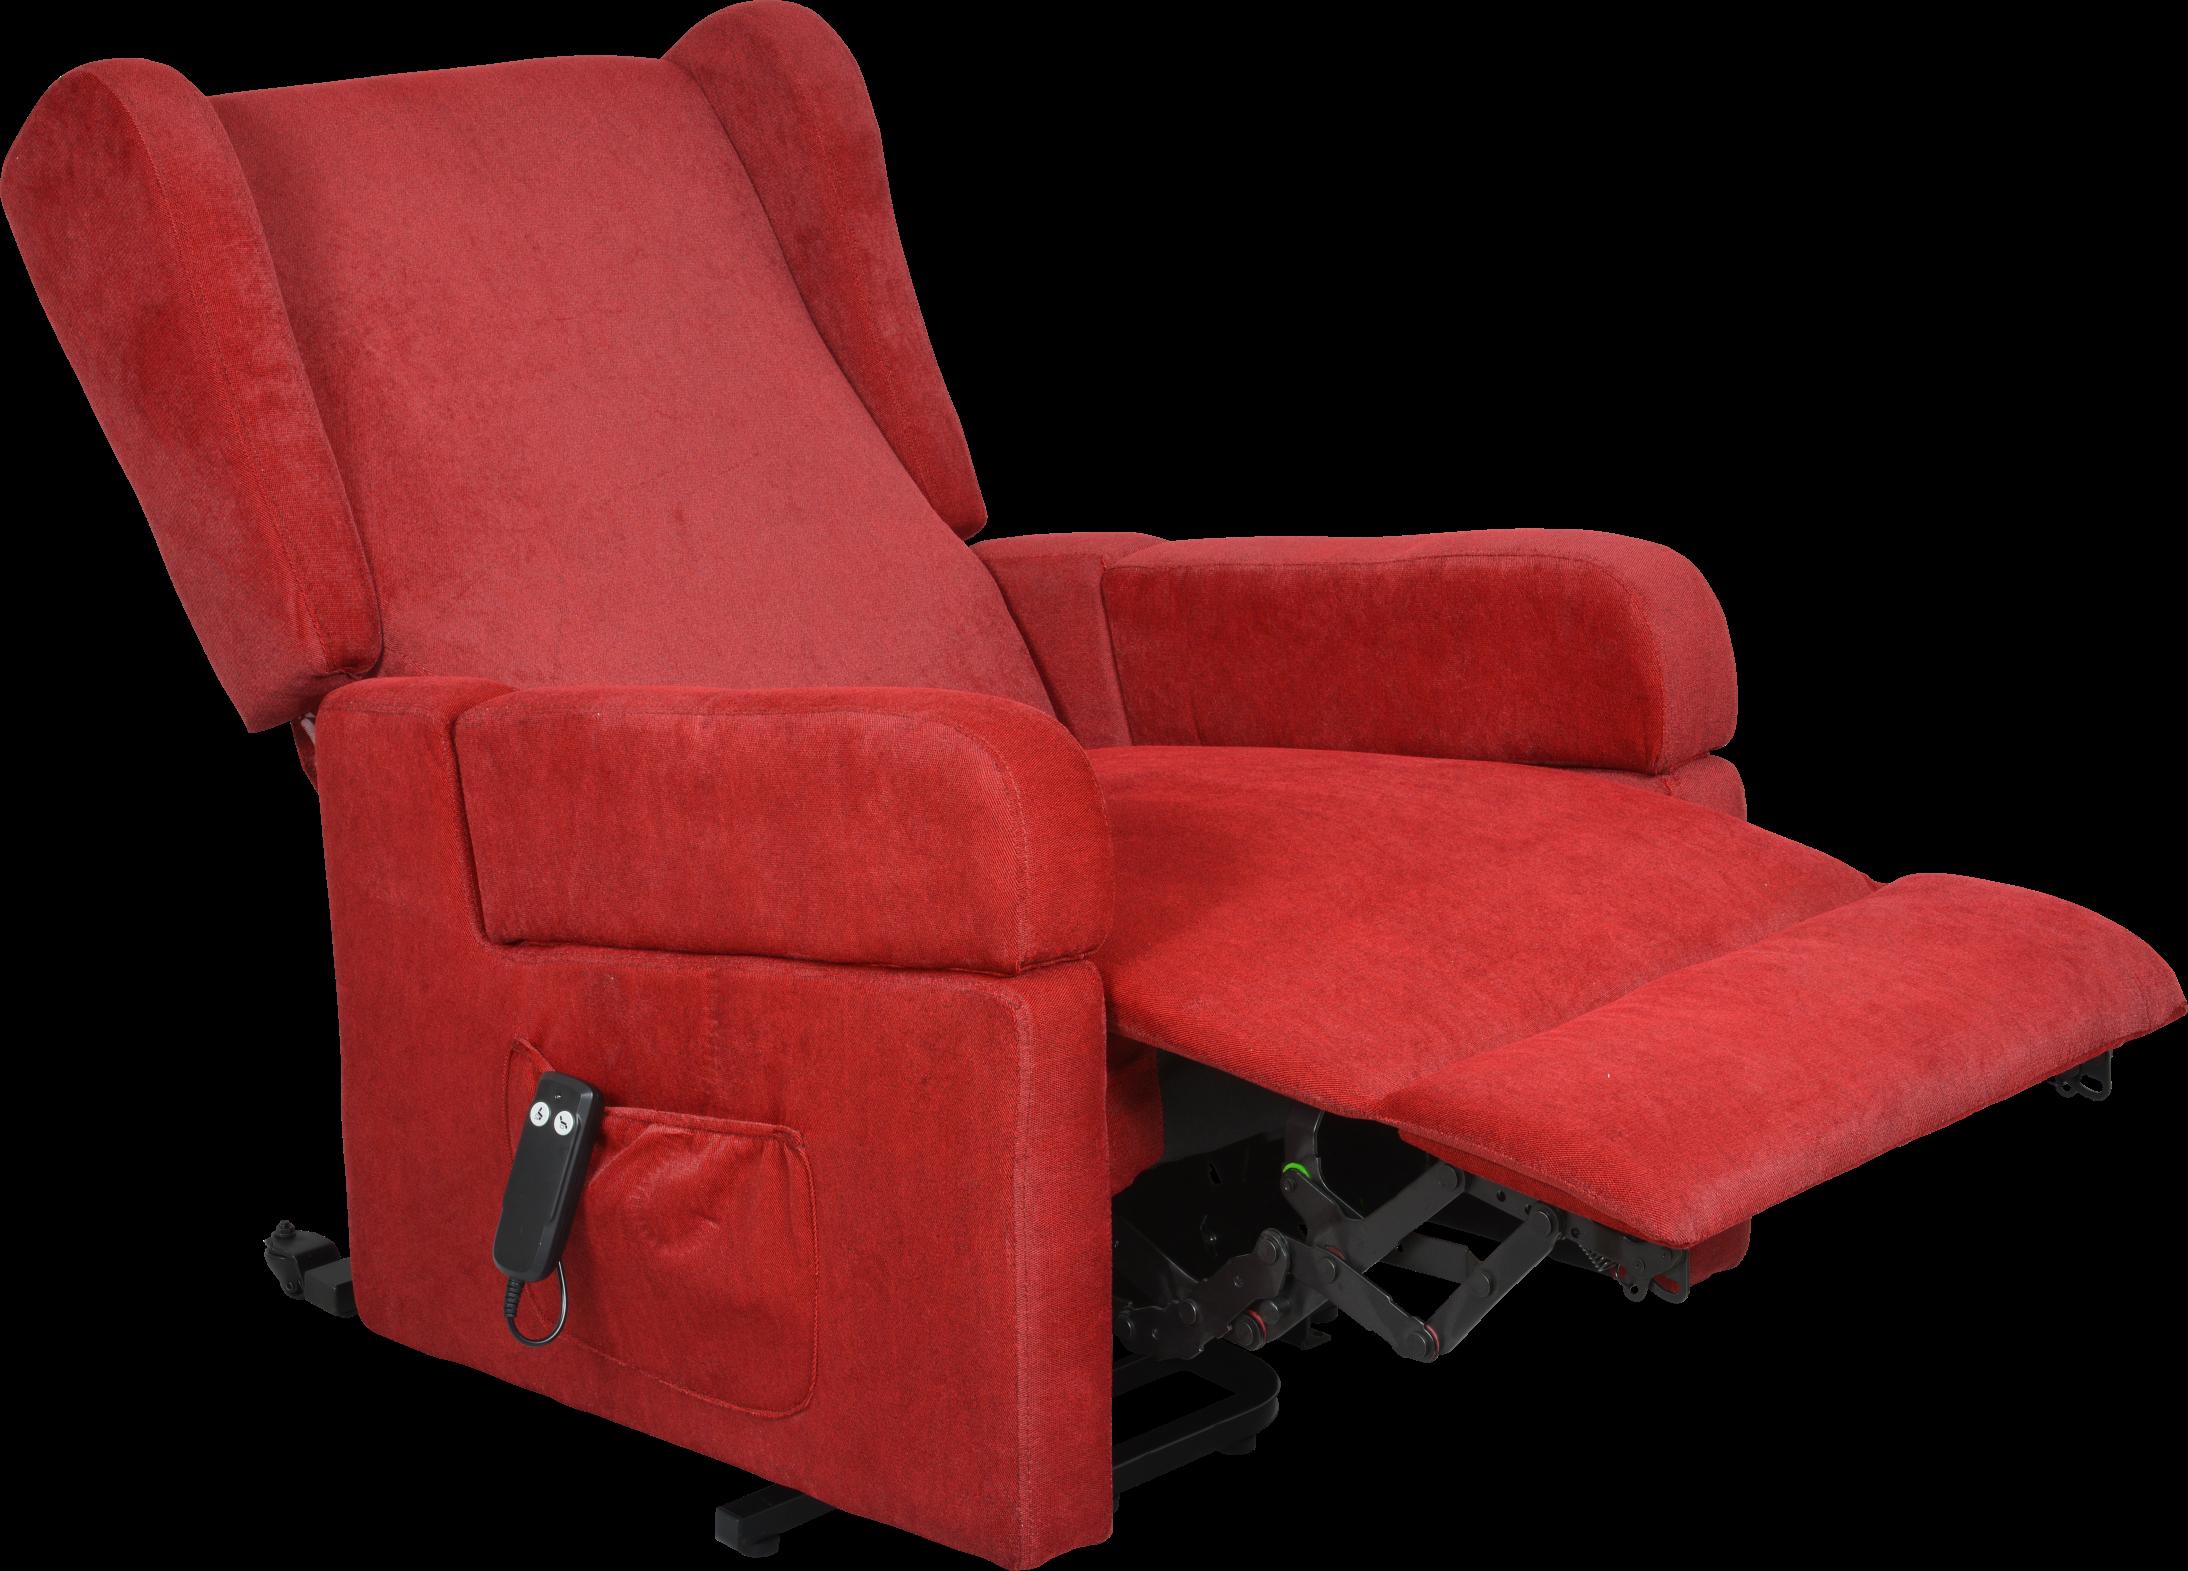 promotion sur le fauteuil releveur lectrique kerouan jusqu 39 au dimanche 17 ao t profitez d 39 une. Black Bedroom Furniture Sets. Home Design Ideas